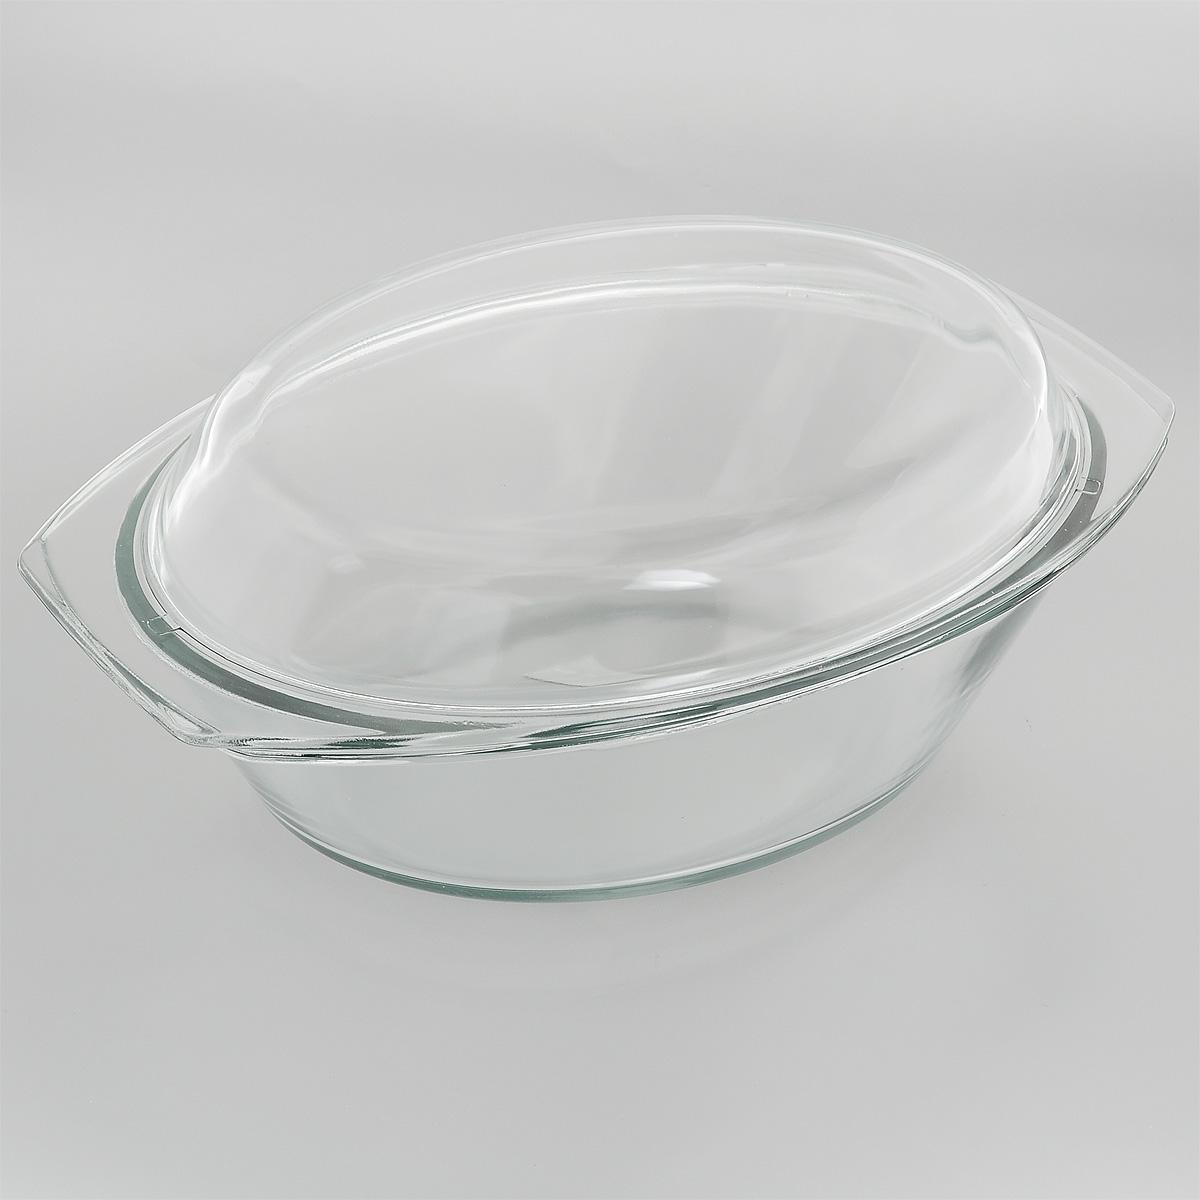 Утятница Mijotex с крышкой, 3 л94672Утятница Mijotex выполнена из жаропрочного стекла. Форма не вступает в реакцию с готовящейся пищей, а потому не выделяет никаких вредных веществ, не подвергается воздействию кислот и солей. Стеклянная посуда очень удобна для приготовления и подачи самых разнообразных блюд. Стекло выдерживает температуру от - 40°C до +400°C. Благодаря прозрачности стекла, за едой можно наблюдать при ее приготовлении, еду можно видеть при подаче, хранении. Используя эту форму, вы можете, как приготовить пищу, так и изящно подать ее к столу, не меняя посуды. Крышка выполнена из стекла и может быть использована также отдельно для приготовления и подачи различных блюд.Форма может быть использована в духовке, микроволновой печи и морозильной камере. Можно мыть в посудомоечной машине.Размер утятницы: 34 см х 20,5 см х 9 см.Размер крышки: 35 см х 21 см х 4,5 см.Высота утятницы (с учетом крышки): 13 см.